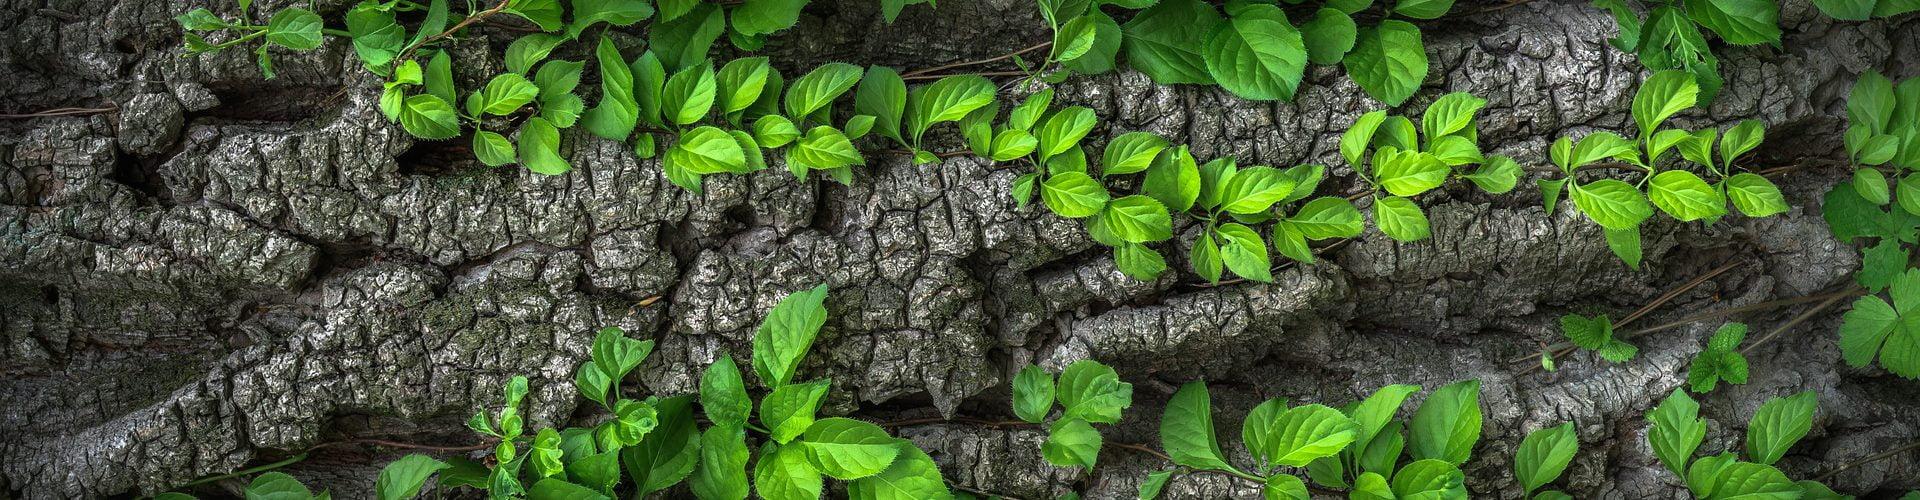 Aroma Sensation - Beratung und Vertrieb von sinnvollen und innovativen Duftlösungen